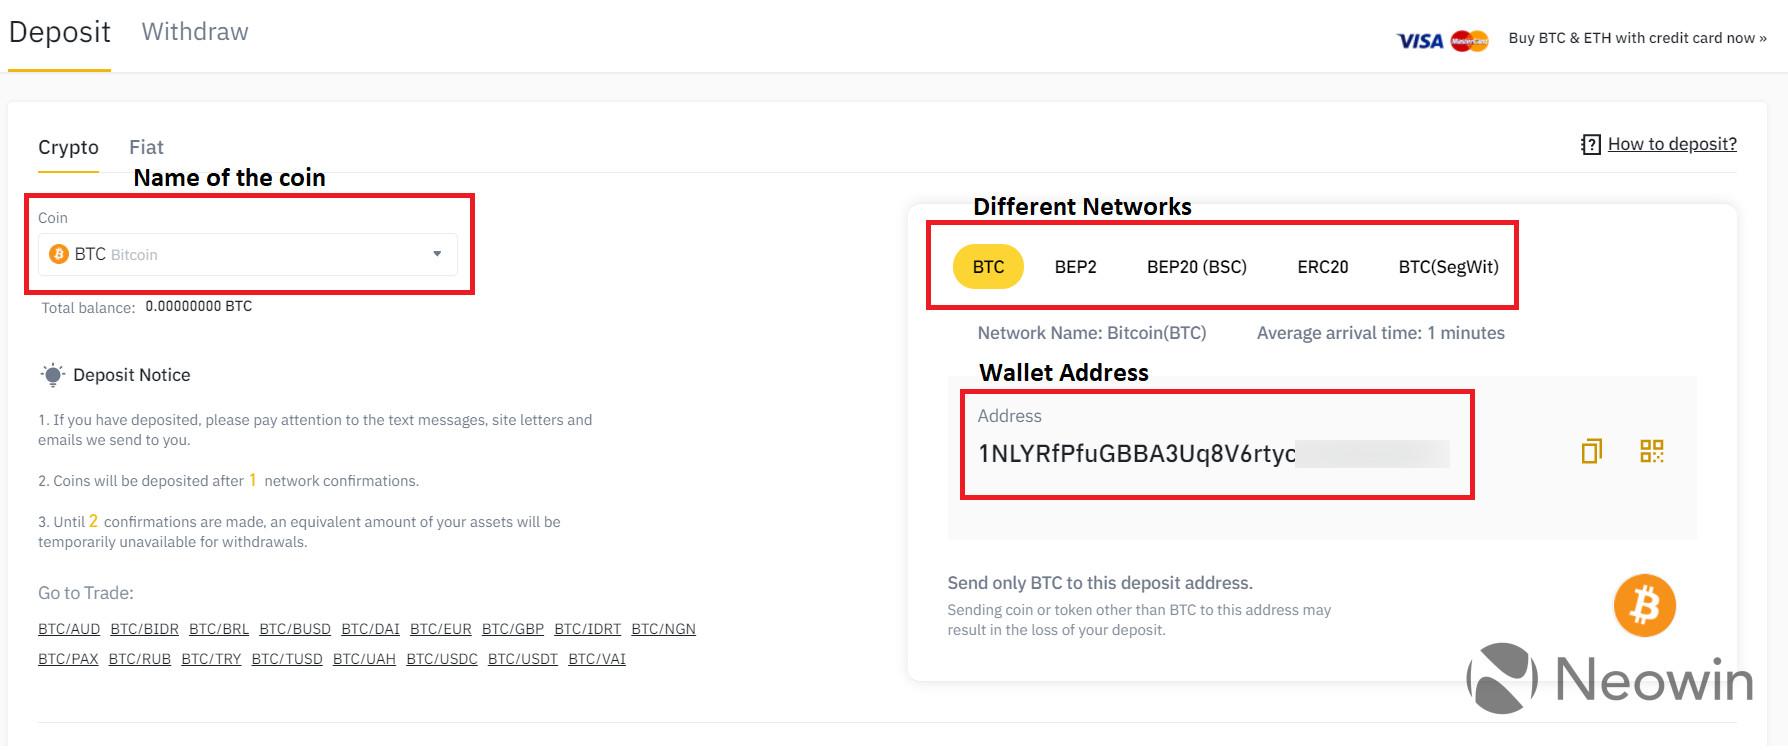 Screenshot showing a Bitcoin wallet address